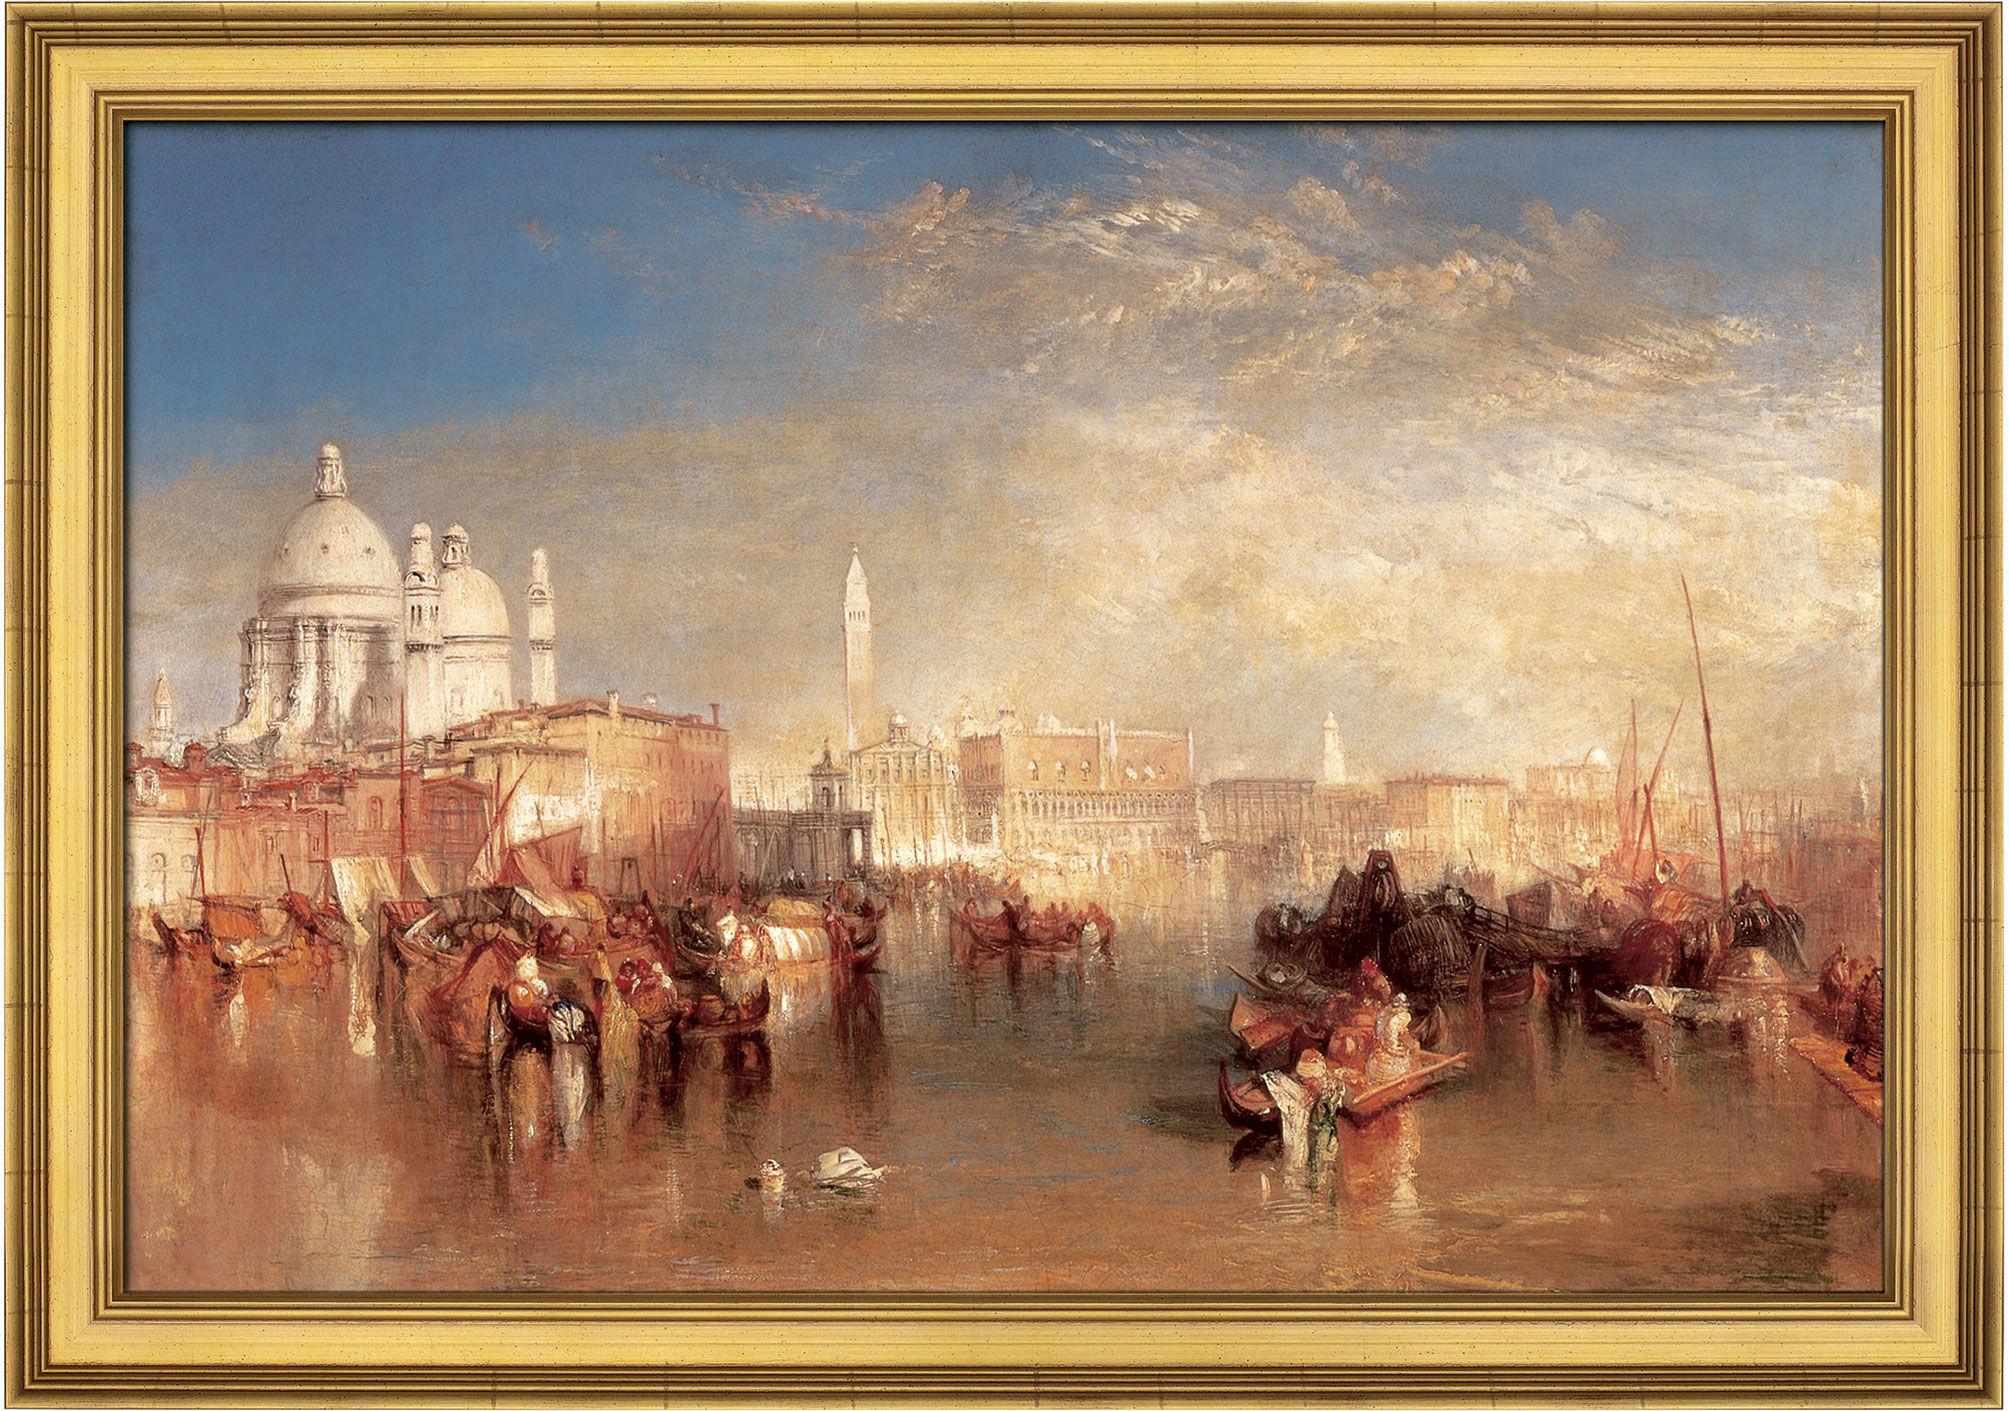 городской пейзаж Венеция, вид с канала Джудекка :: Уильям Тёрнер - William Turner фото